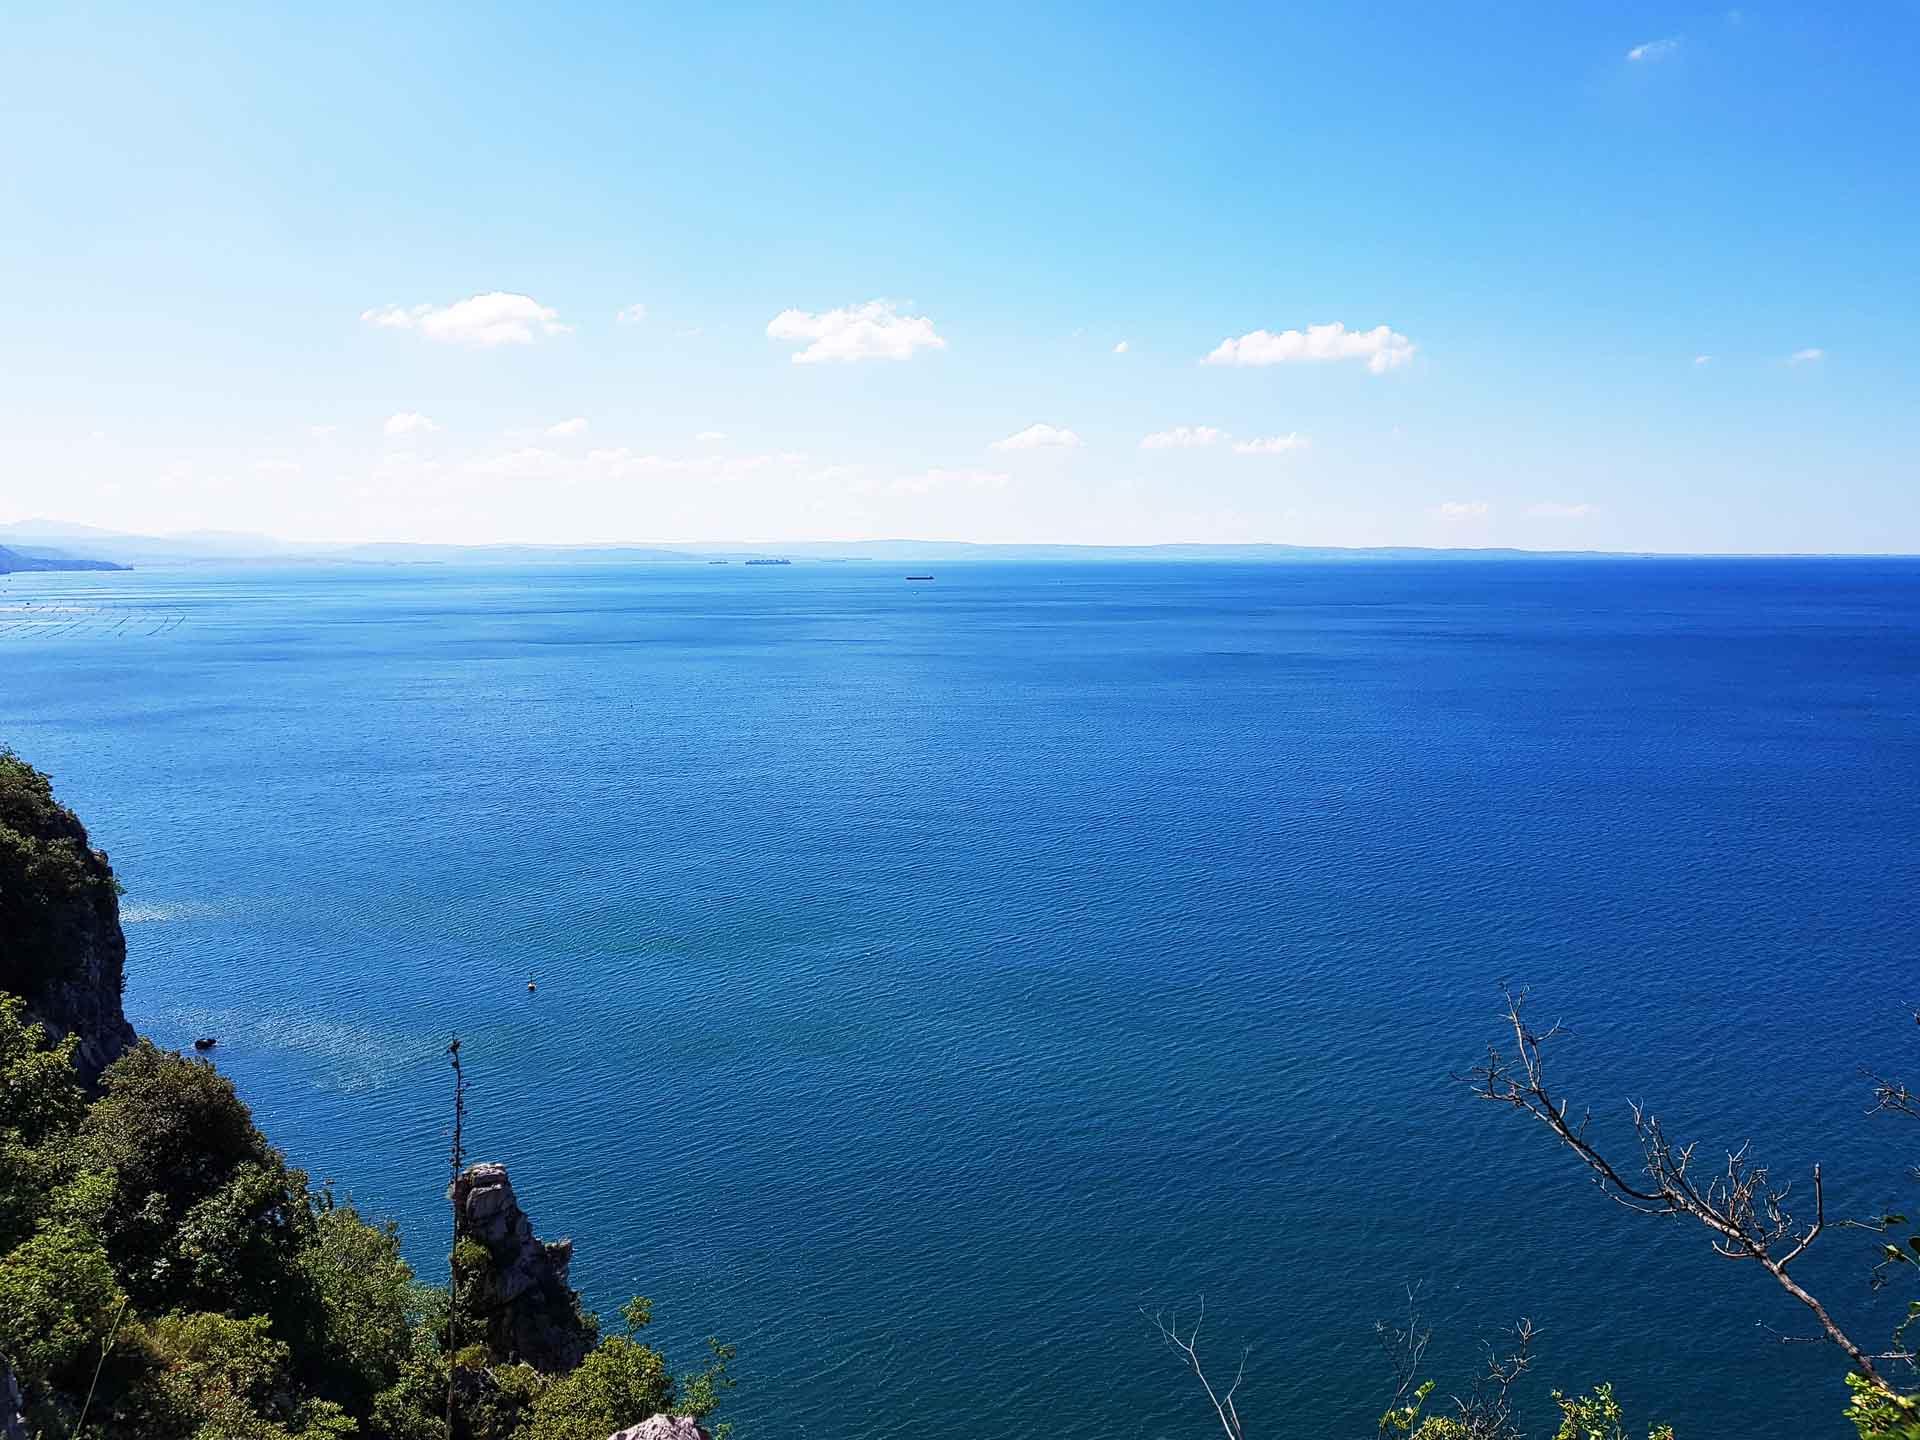 Rilkeweg - Blick in die Bucht von Triest